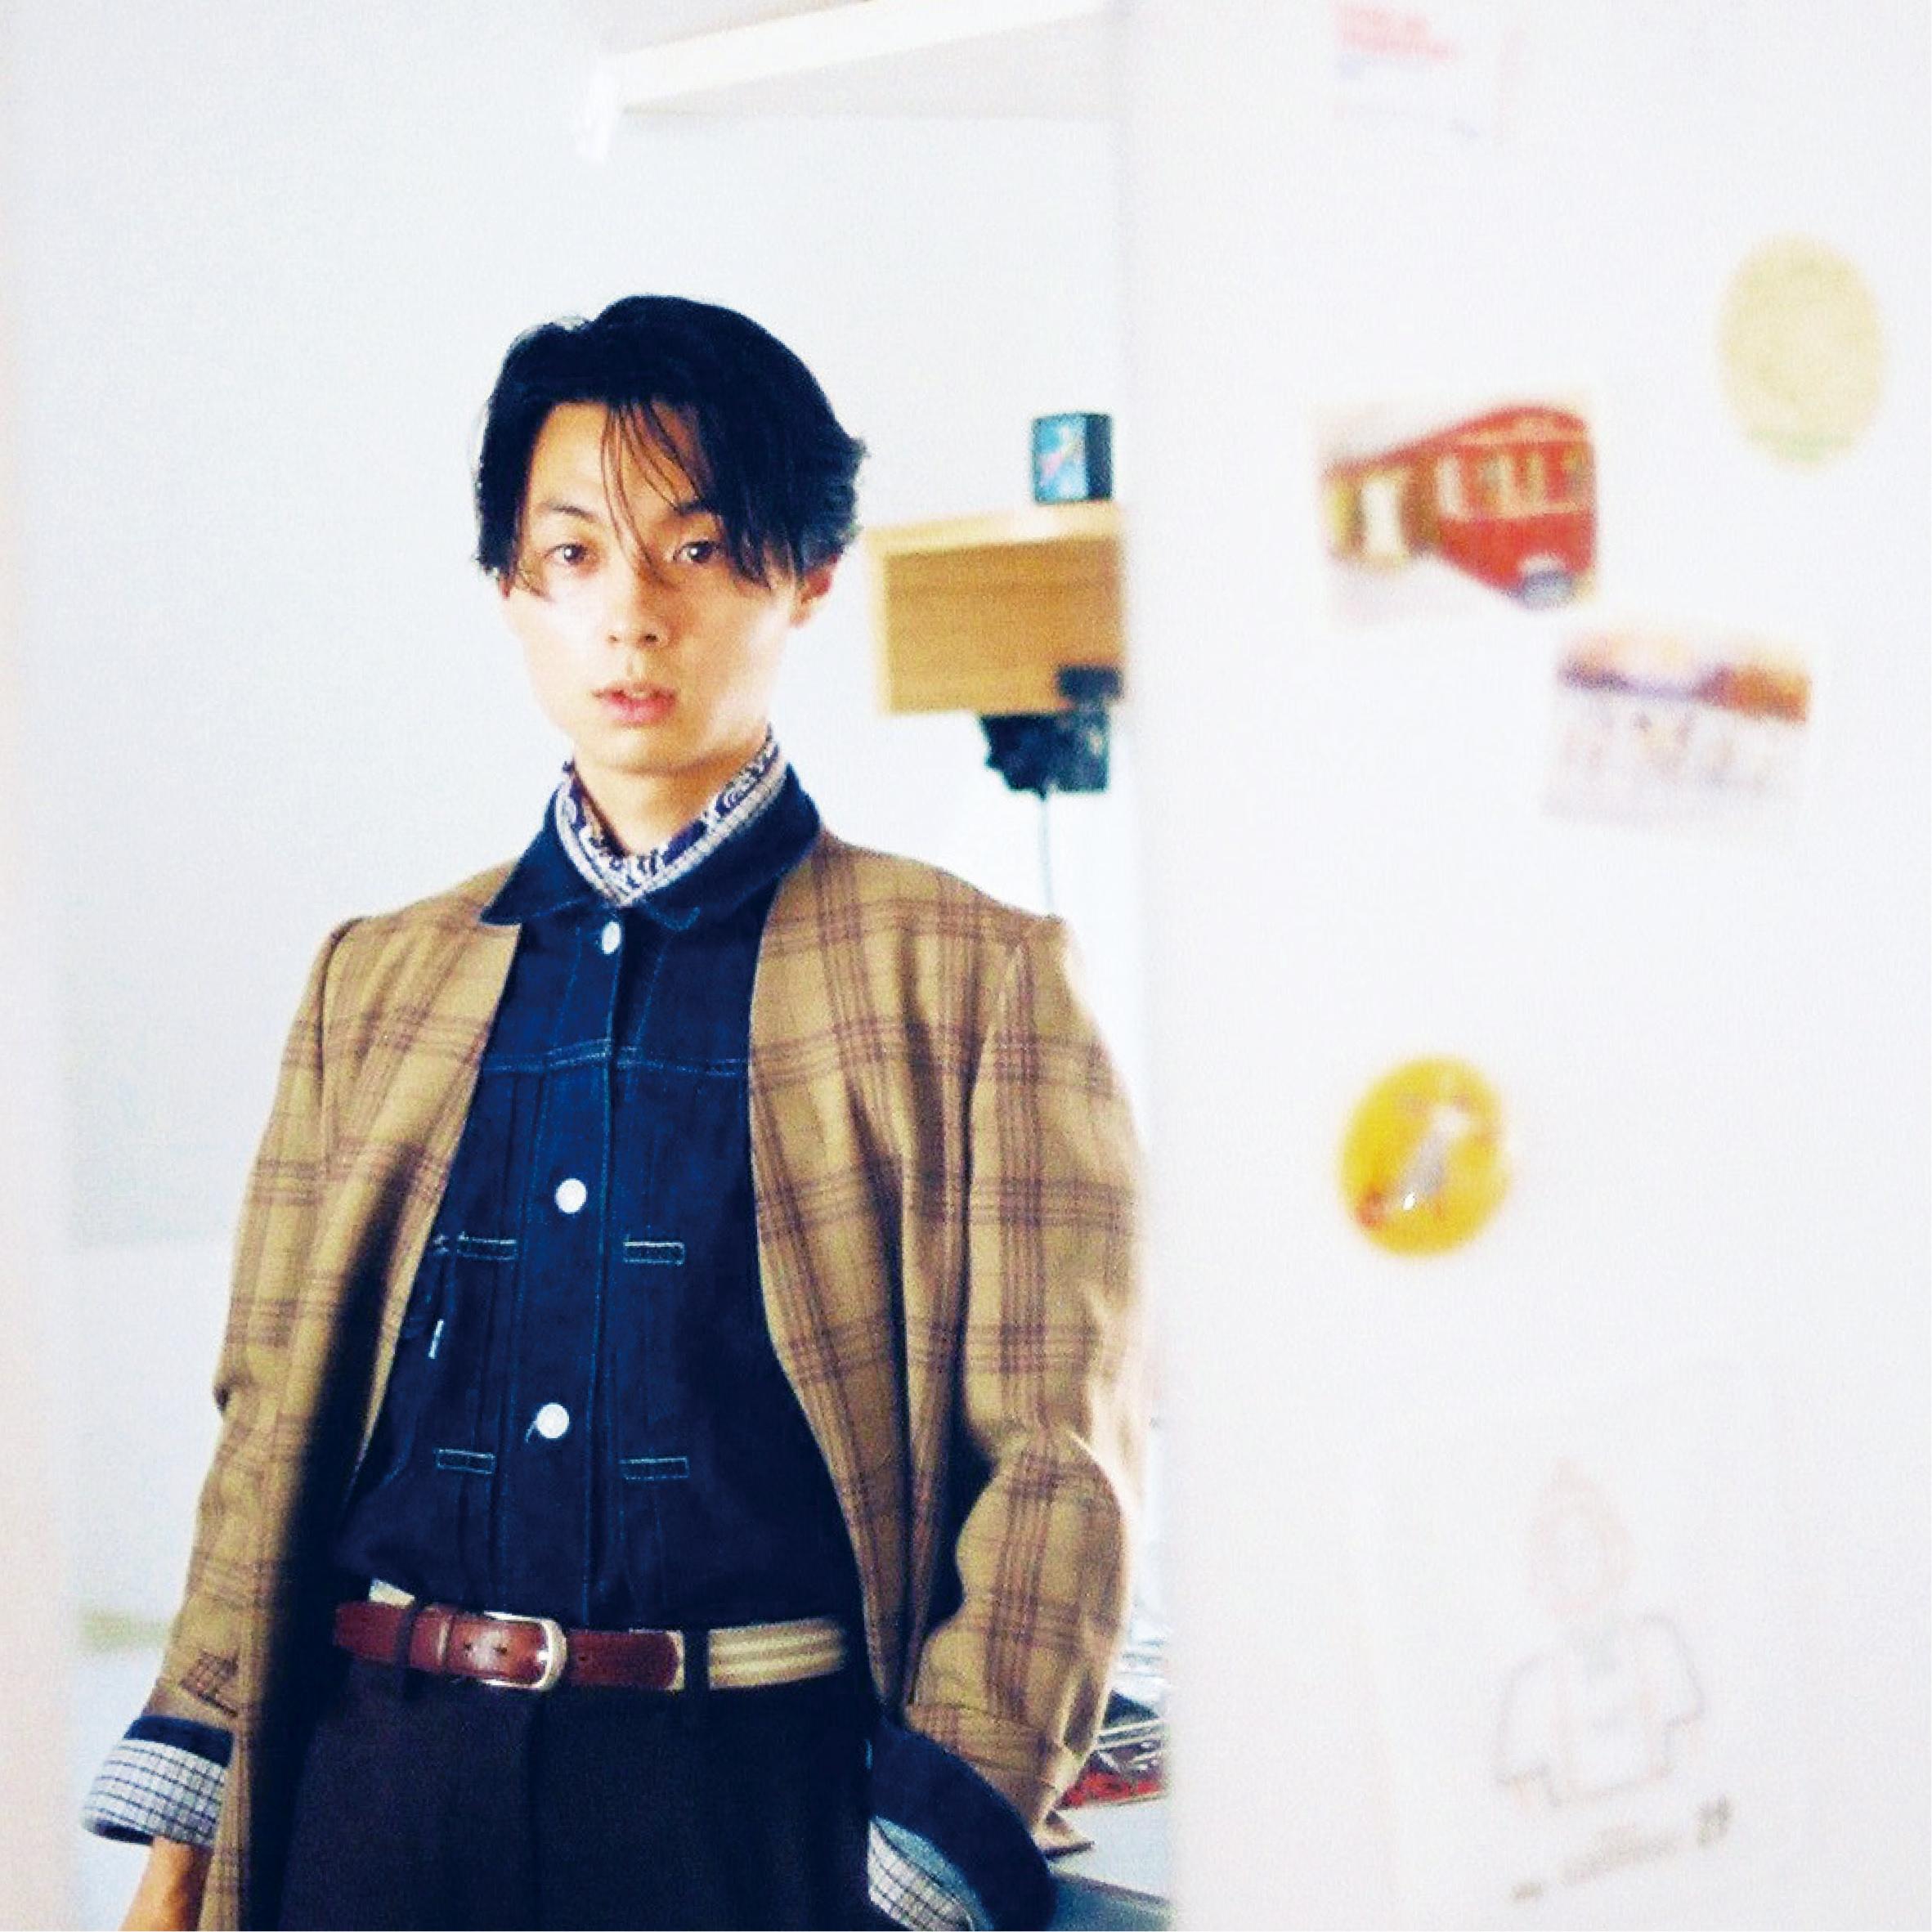 『英語日記BOY』の著者・新井リオが絶賛! 等身大で素な雰囲気が魅力的なシンガーとは